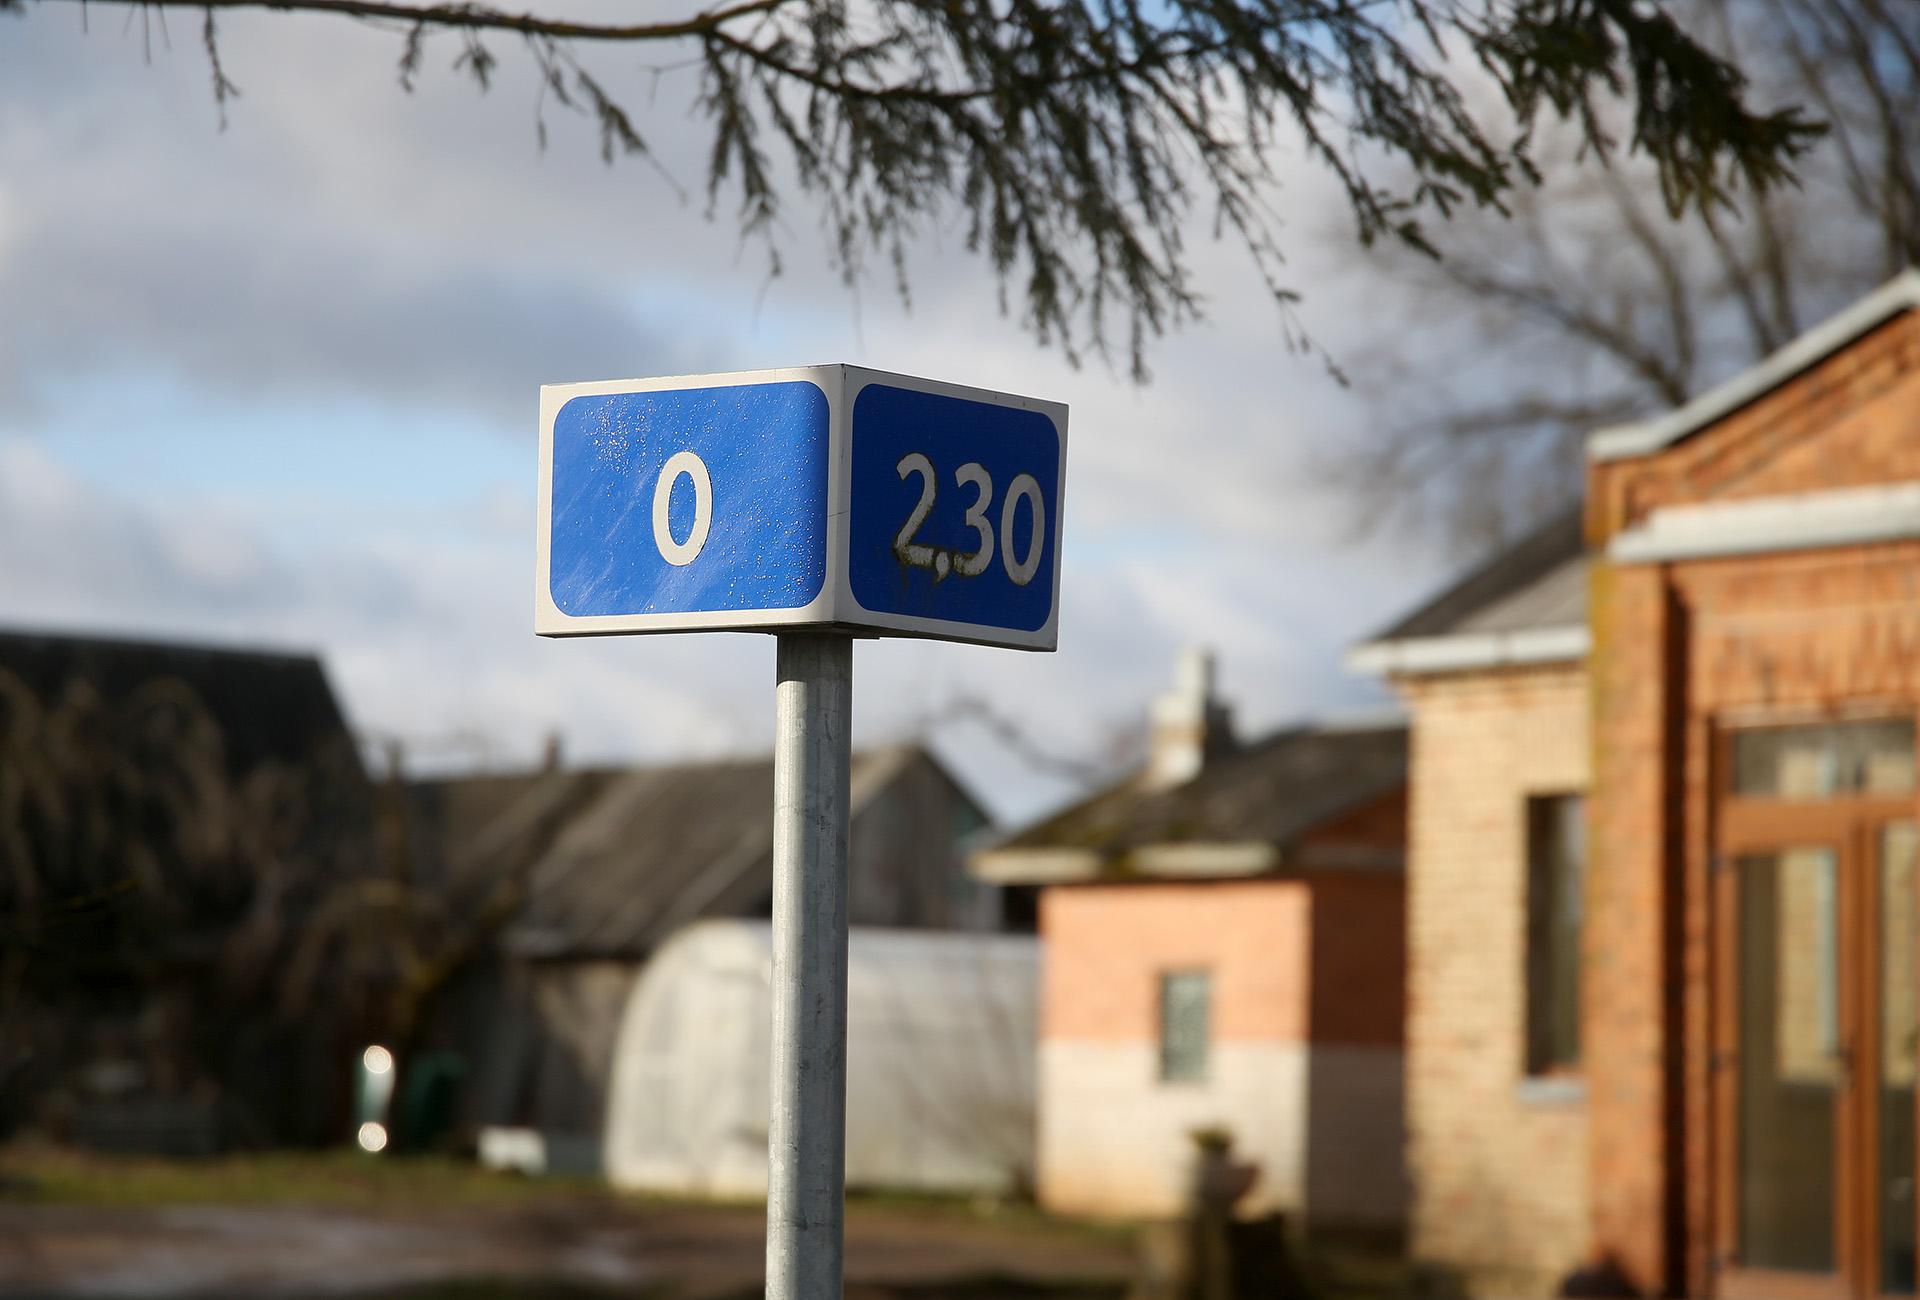 Kaimo viduryje stovi net ženklas, žymintis nulinį kilometrą. Vieni sako, kad pusė kaimo priklauso Kėdainiams, kita pusė – Panevėžiui. Algimanto Barzdžiaus nuotr.